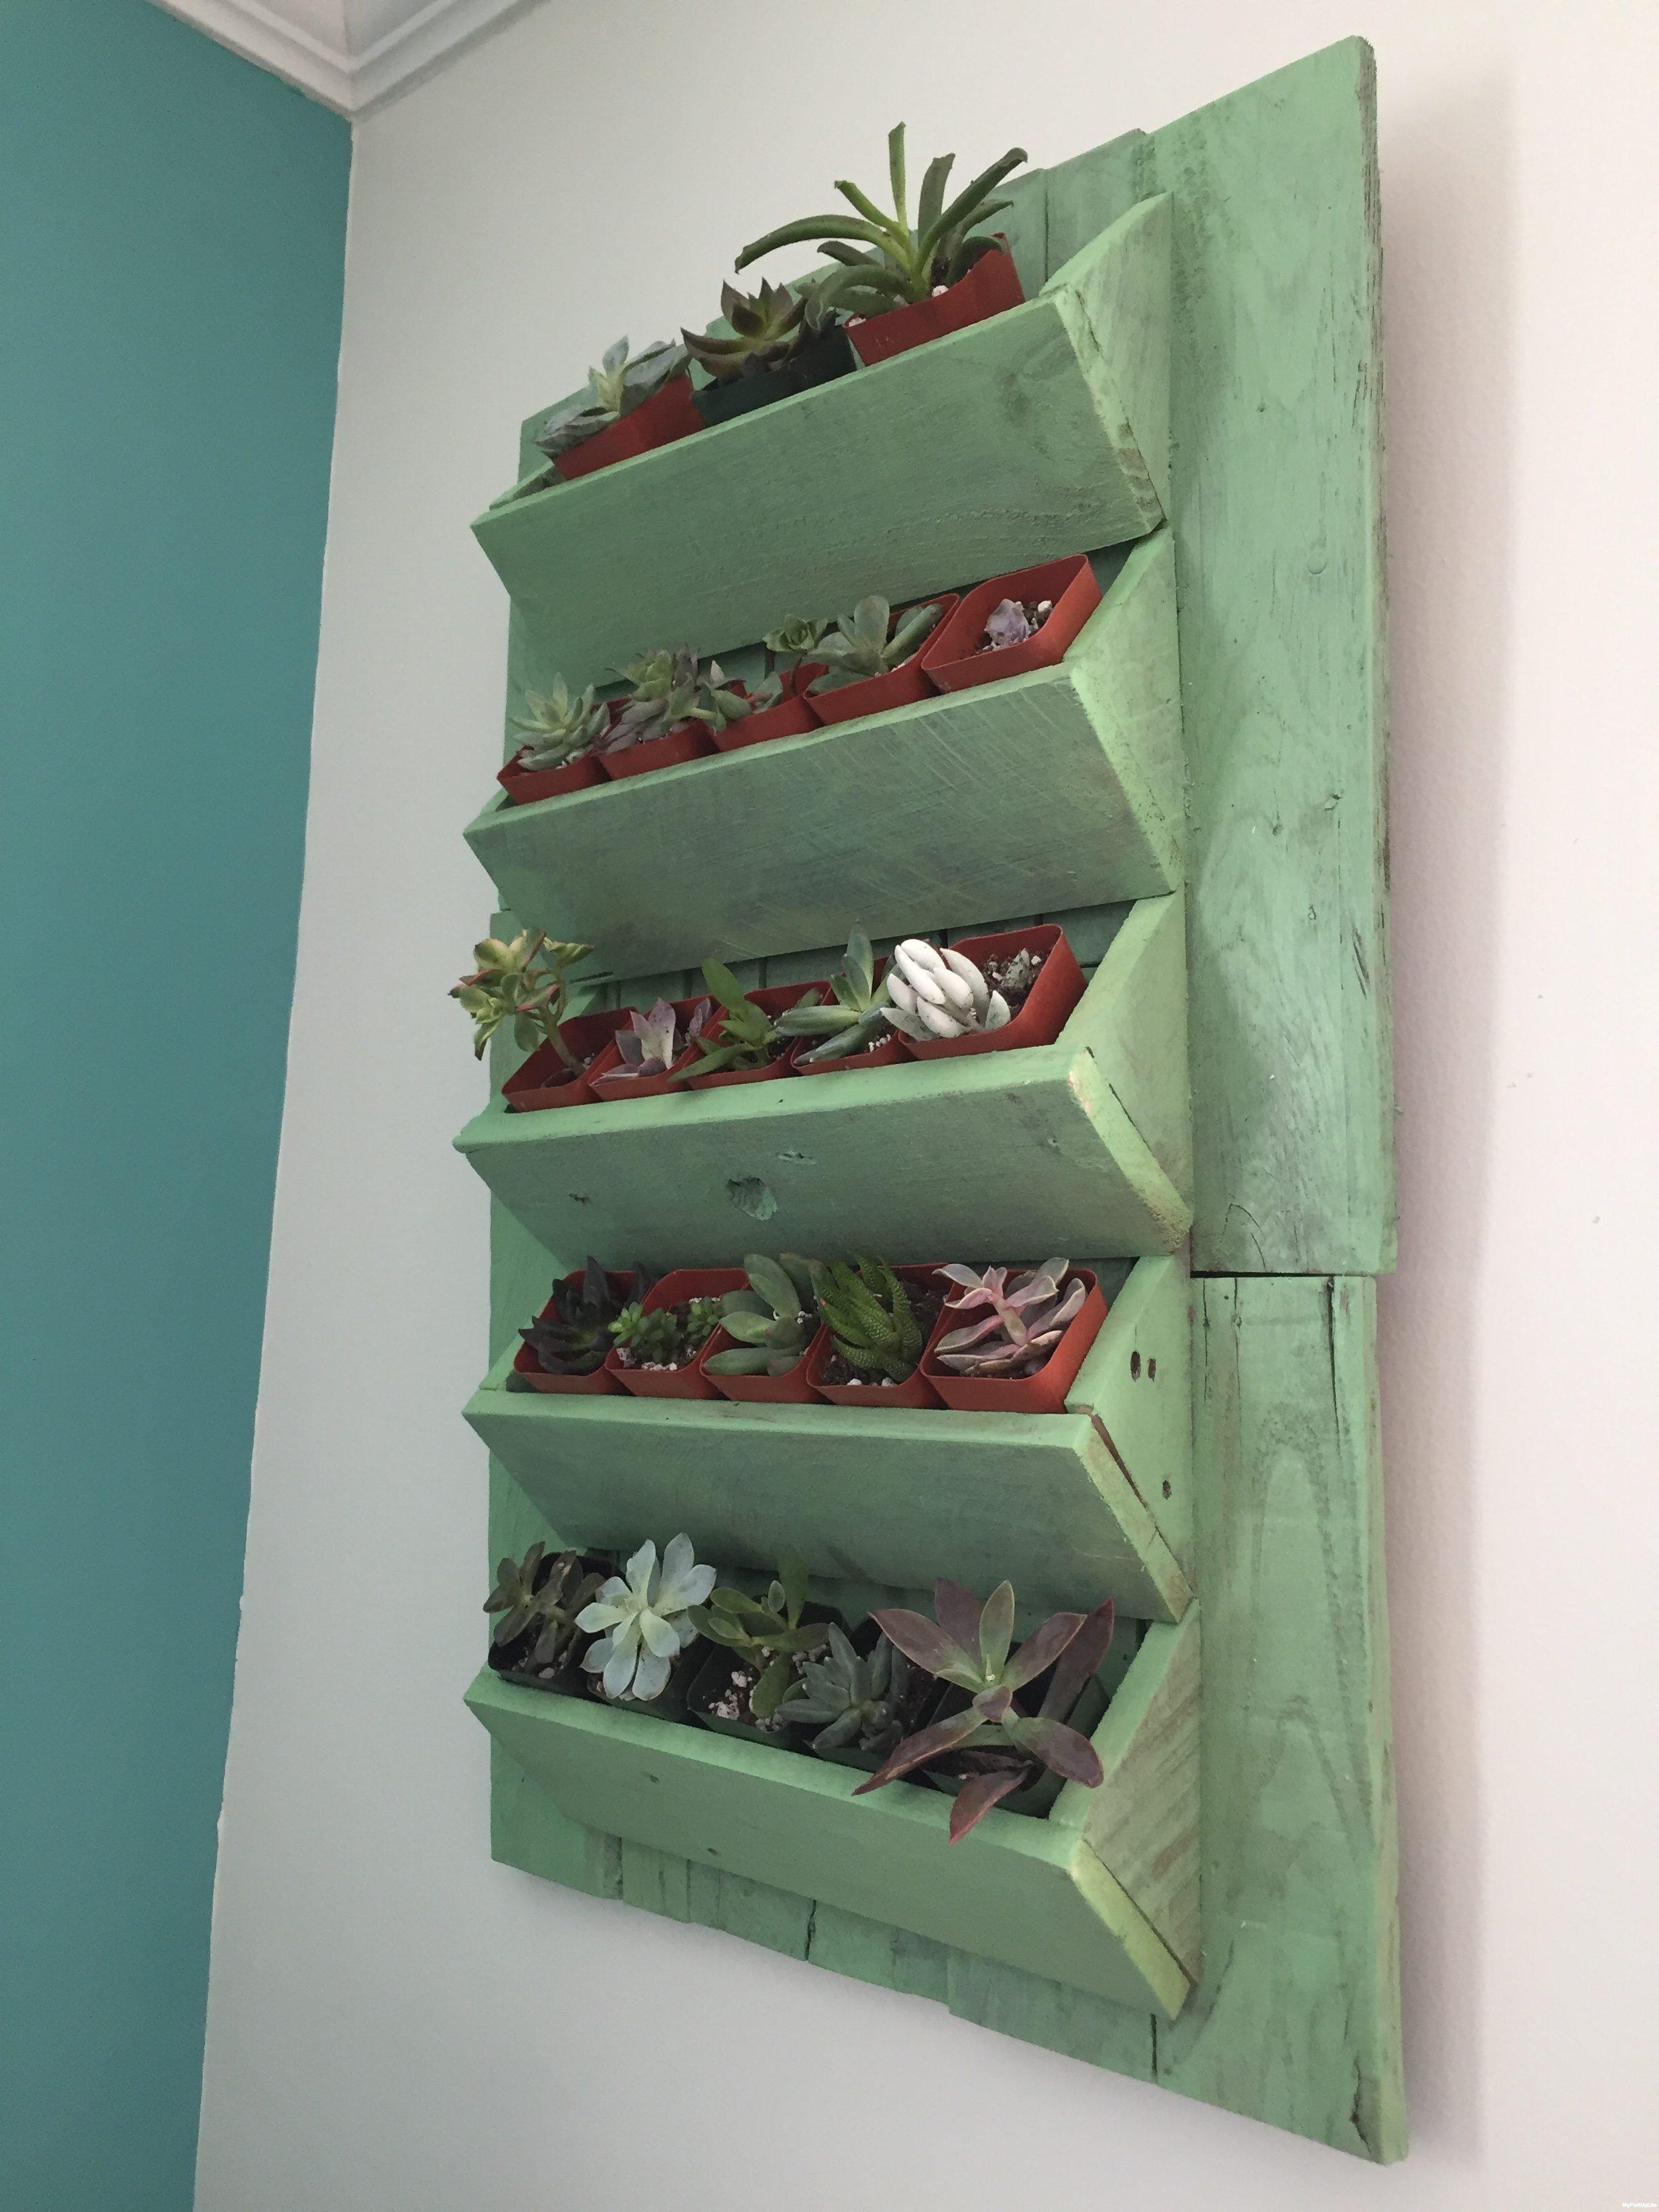 16f-Minwax-Succulent-Pallet-Wood-Wall-Art-e1487787068146